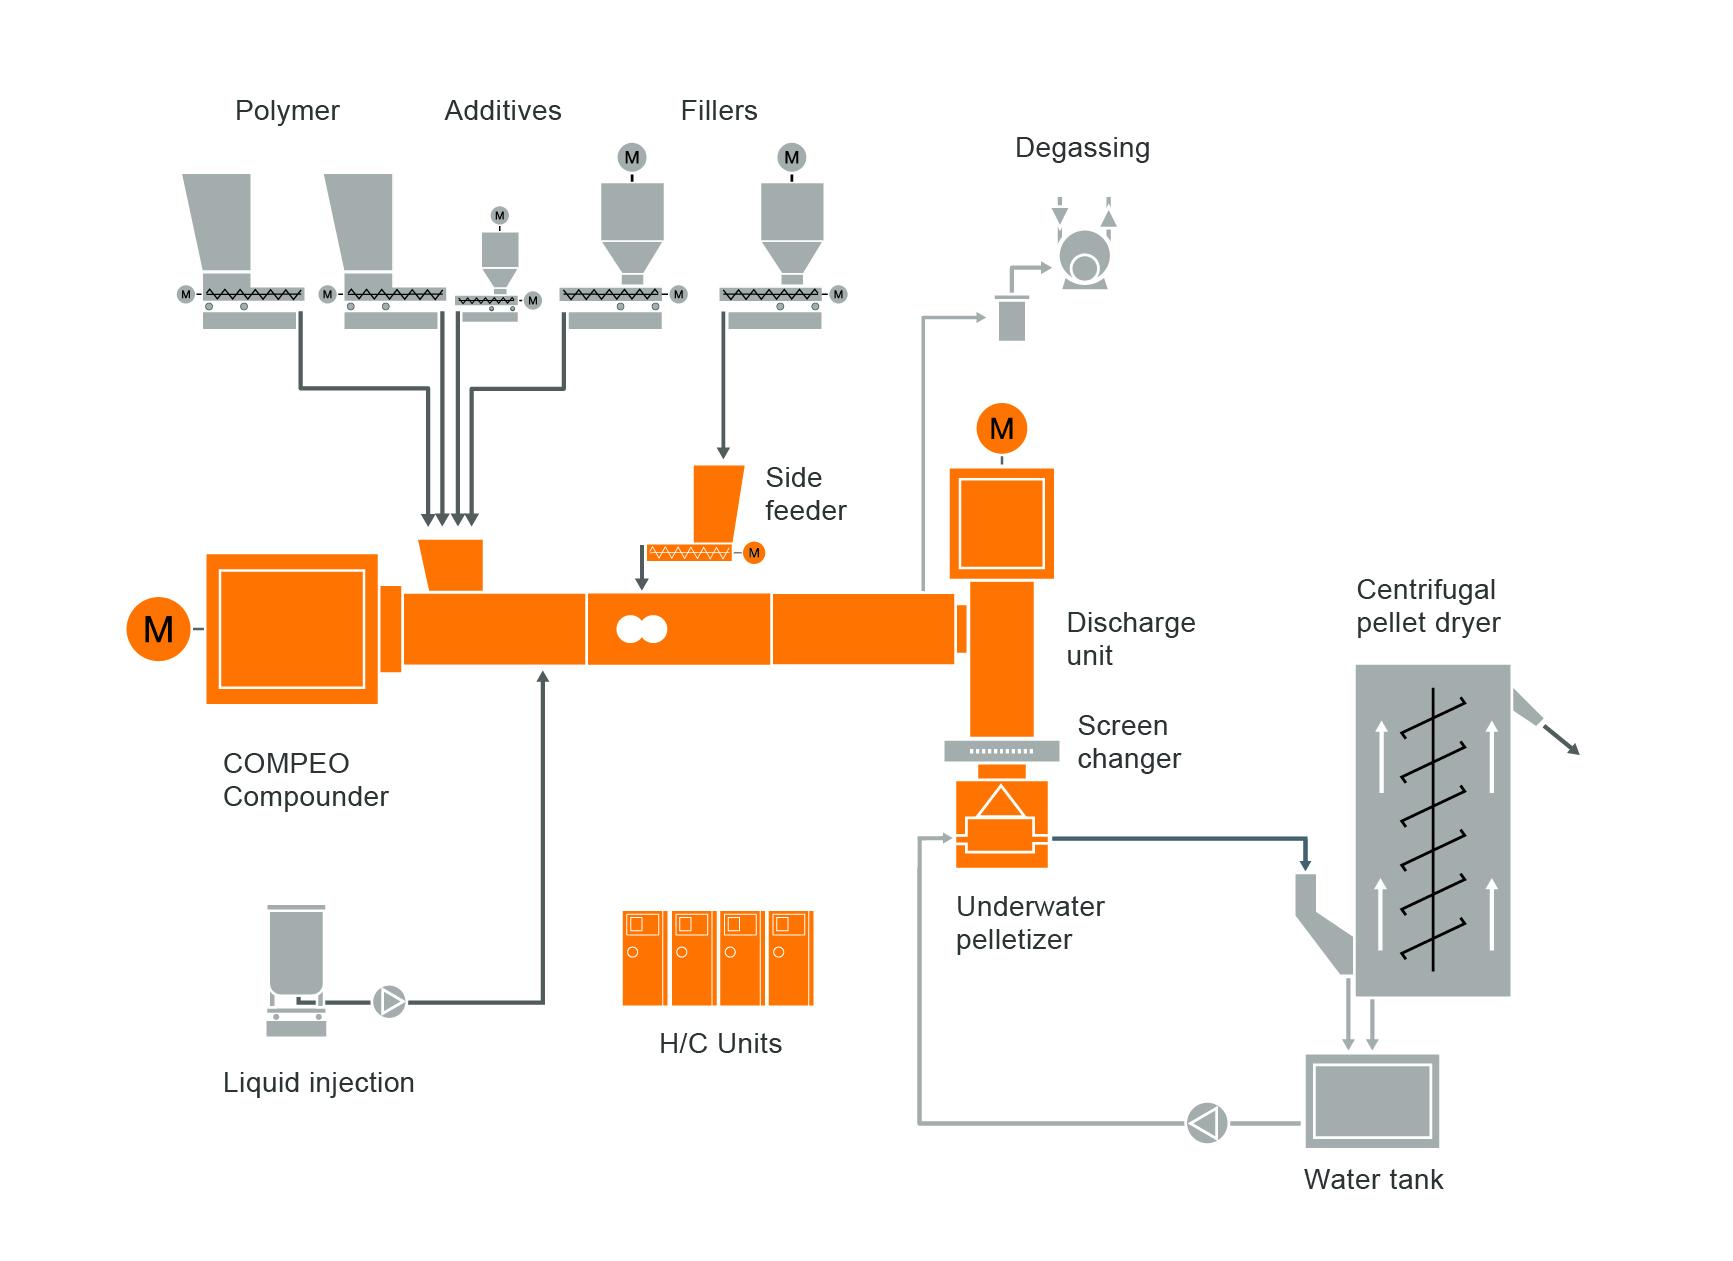 Typischer Anlagenaufbau einer Compoundier-Anlage für TPE Thermoplastische Elastomere